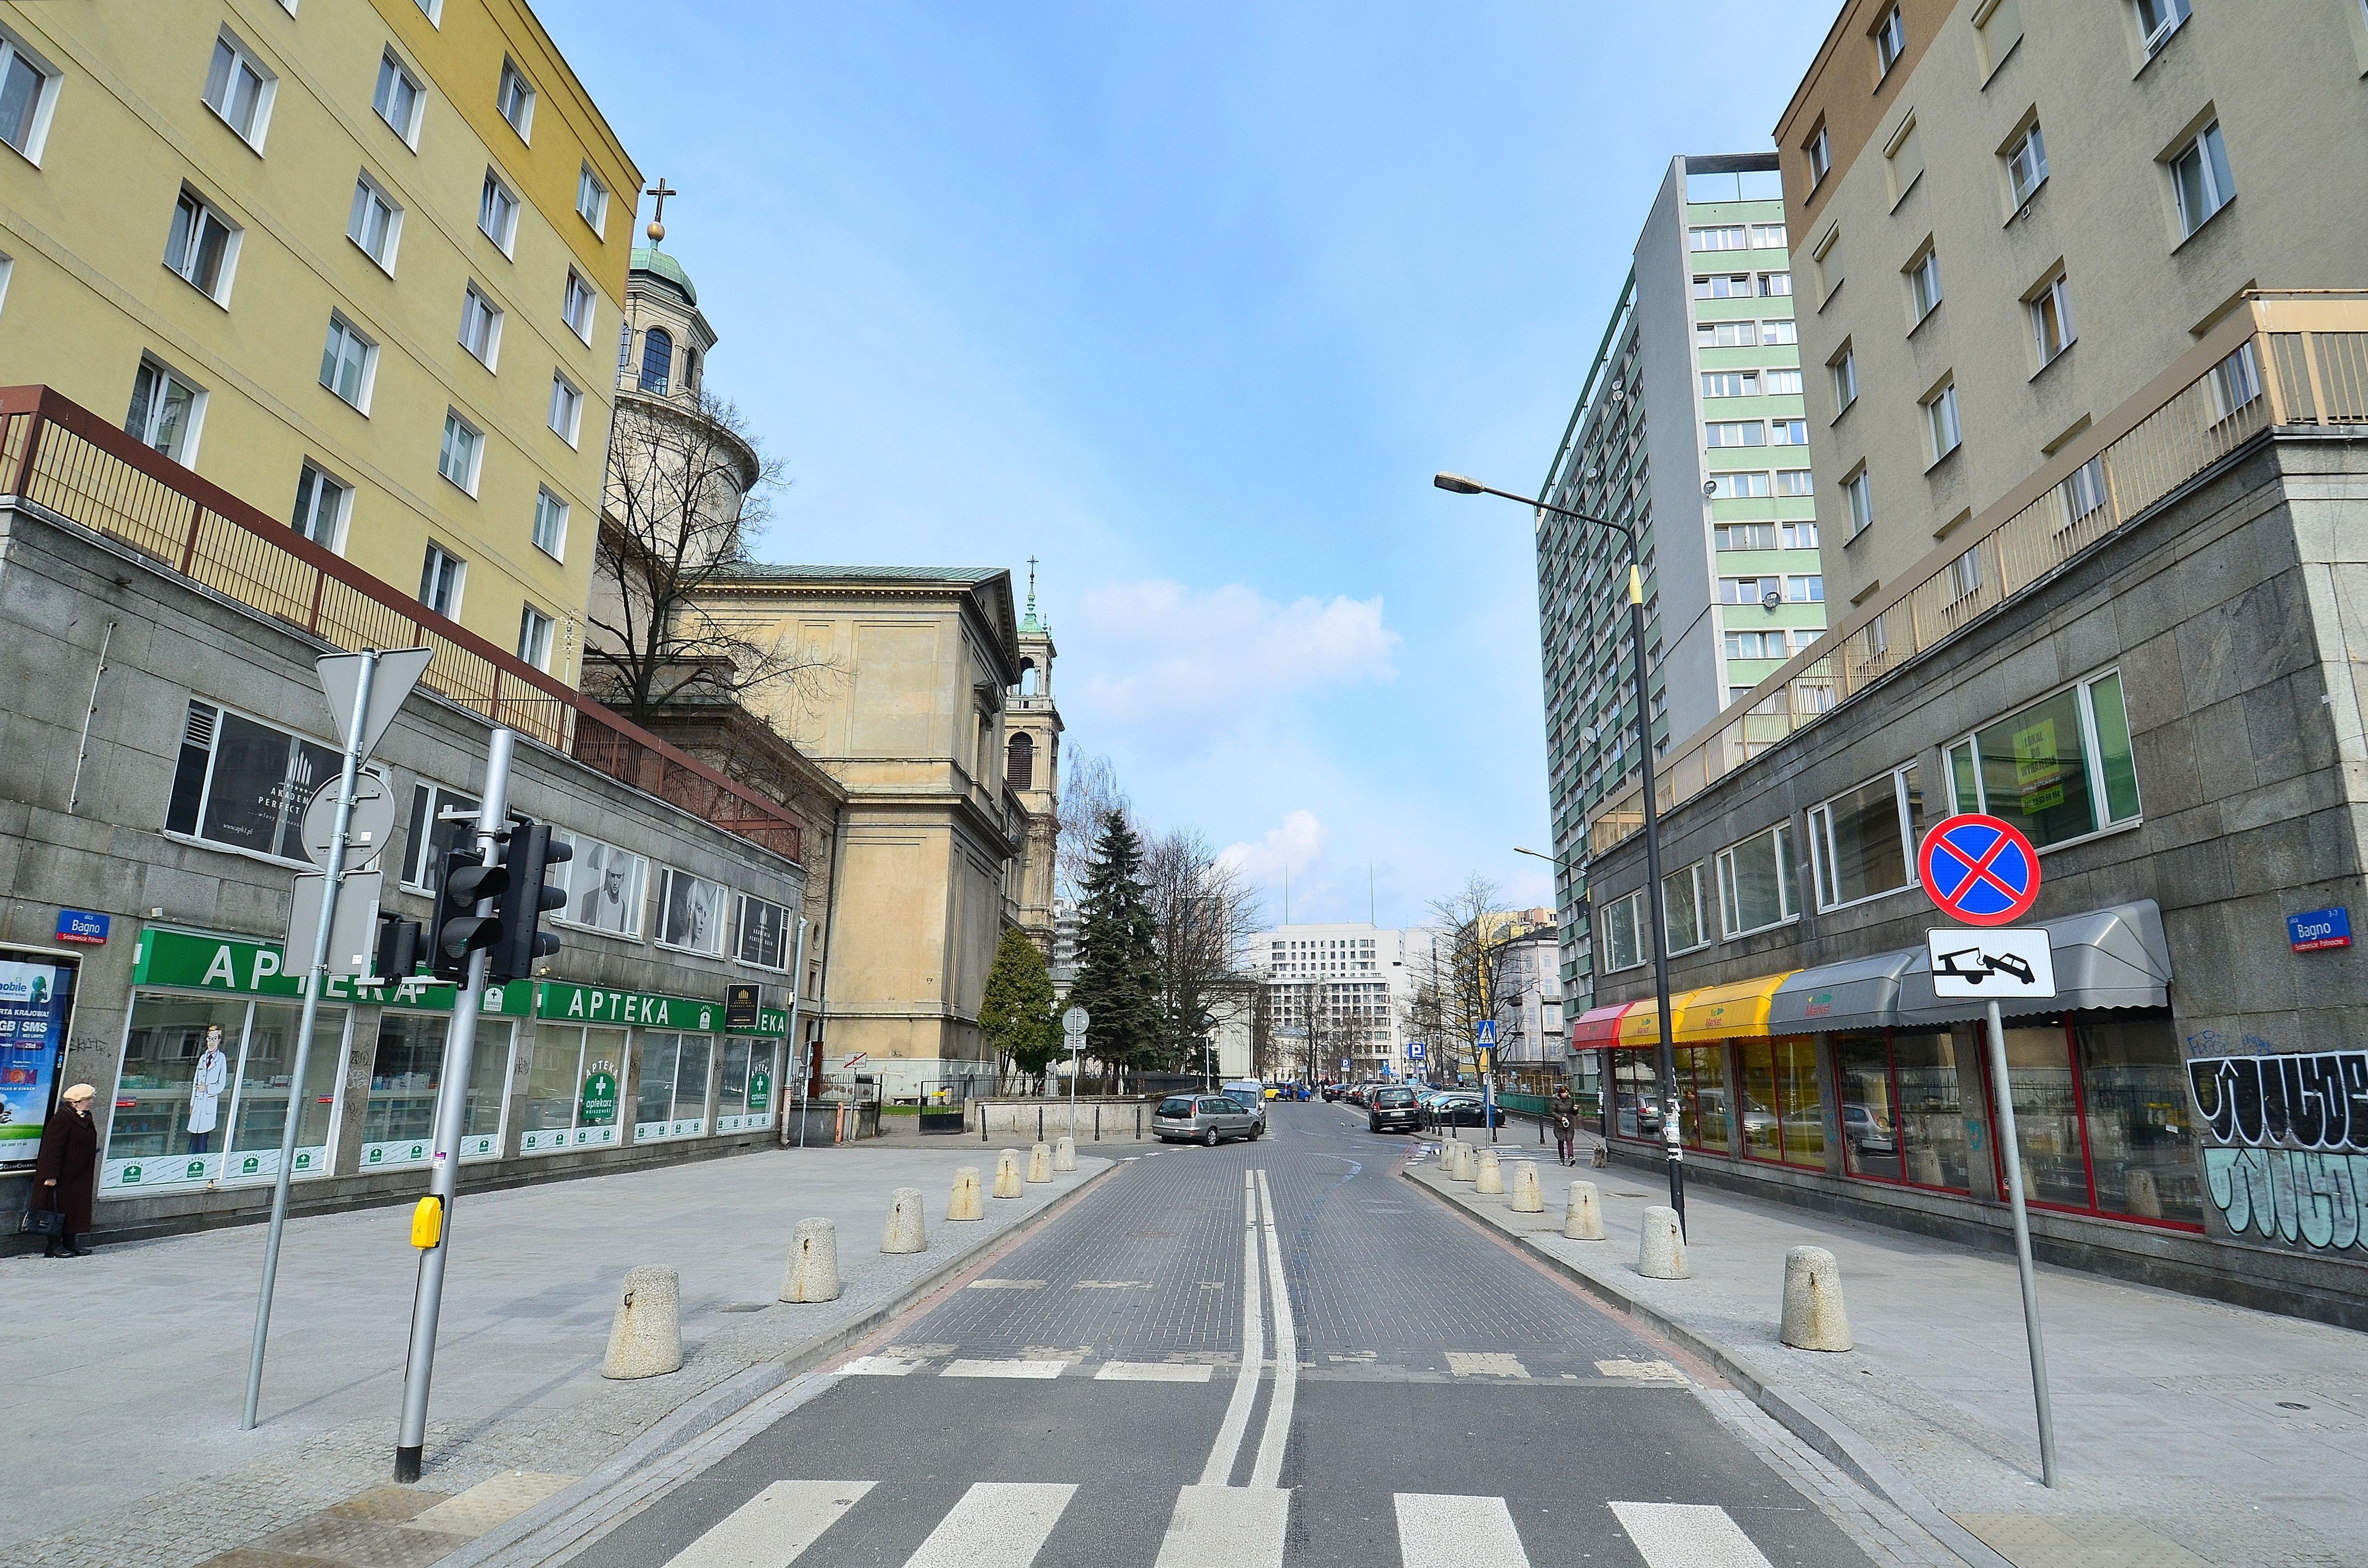 File:Ulica Bagno w Warszawie 2015.JPG - Wikimedia Commons